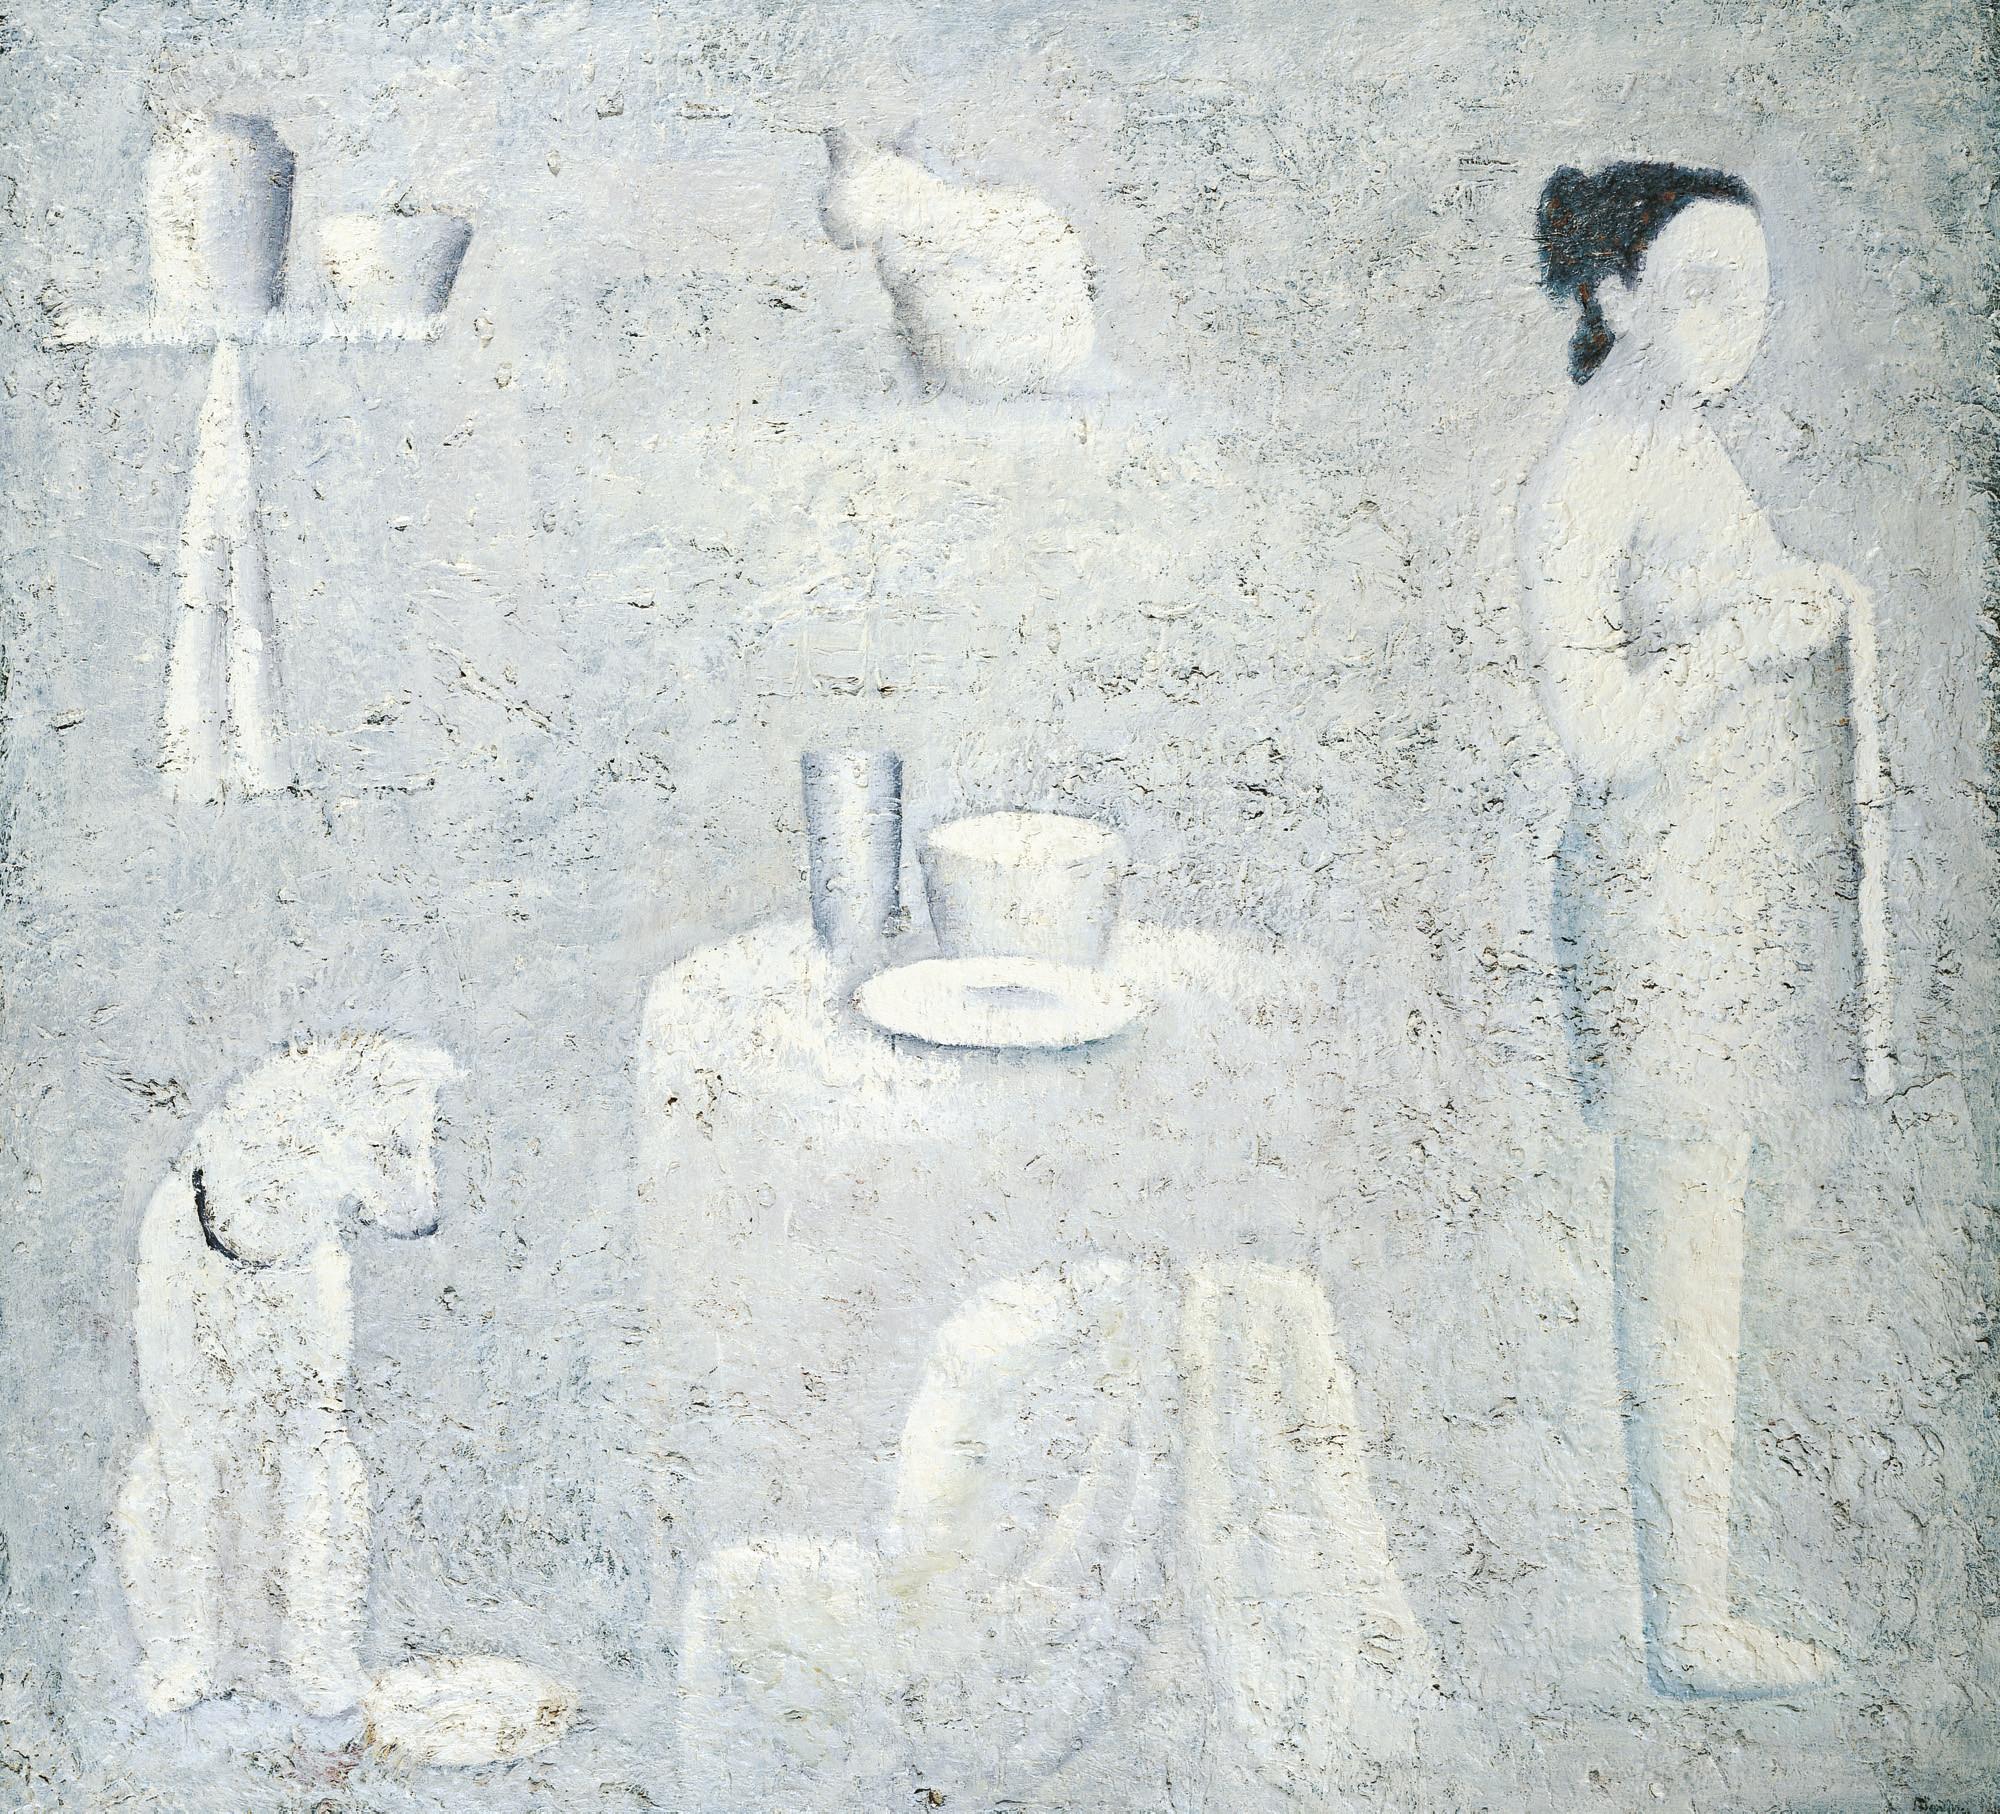 MOUNGTHAI BUSAMARO (b. Thailan